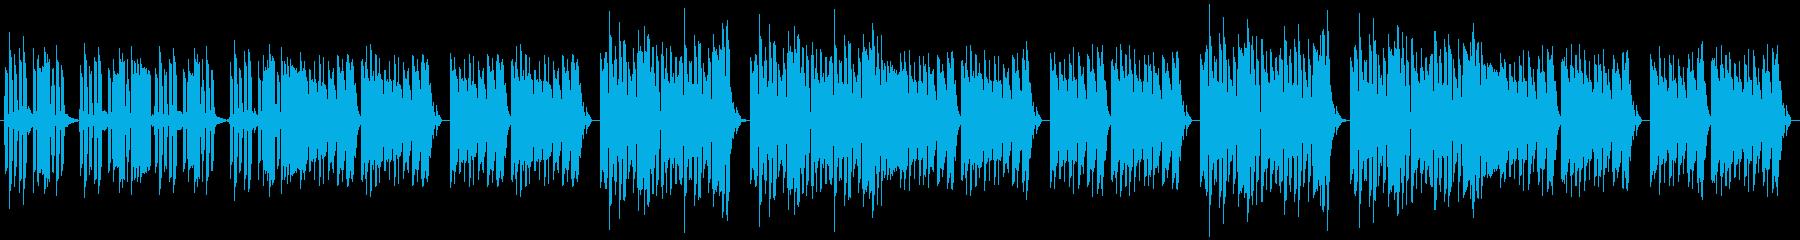 脱力・動物・キッズ・コミカル・リコーダーの再生済みの波形